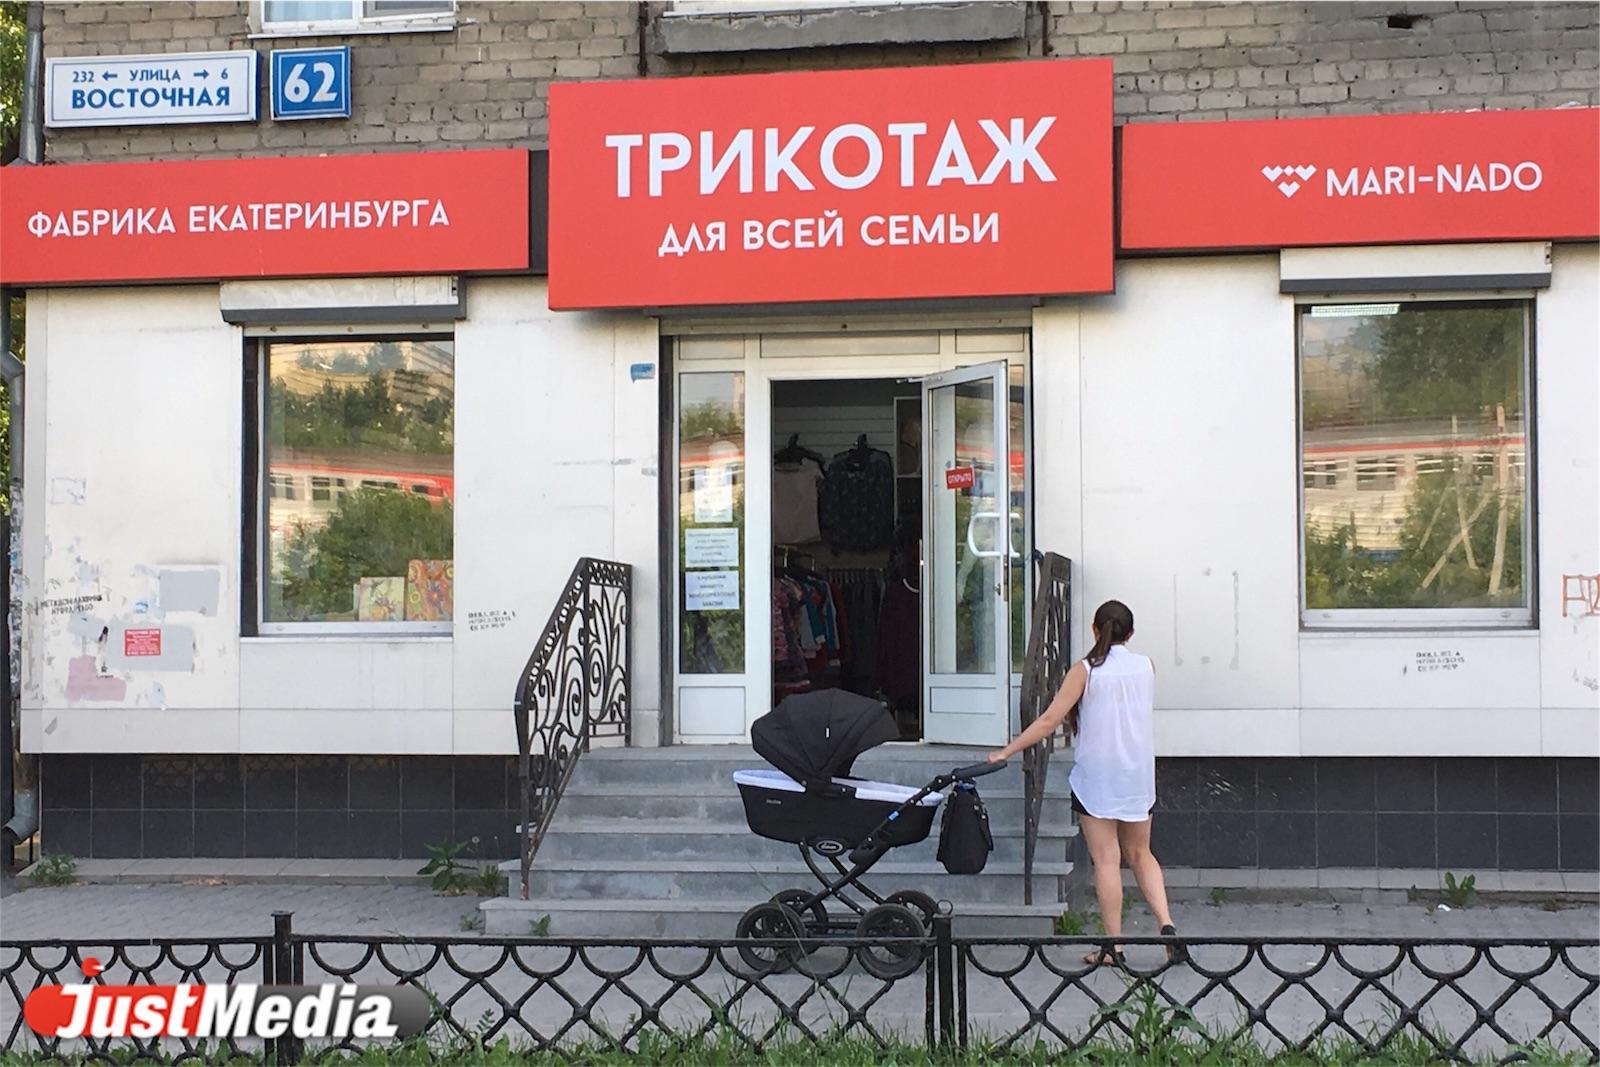 Екатеринбург Открываются Магазины